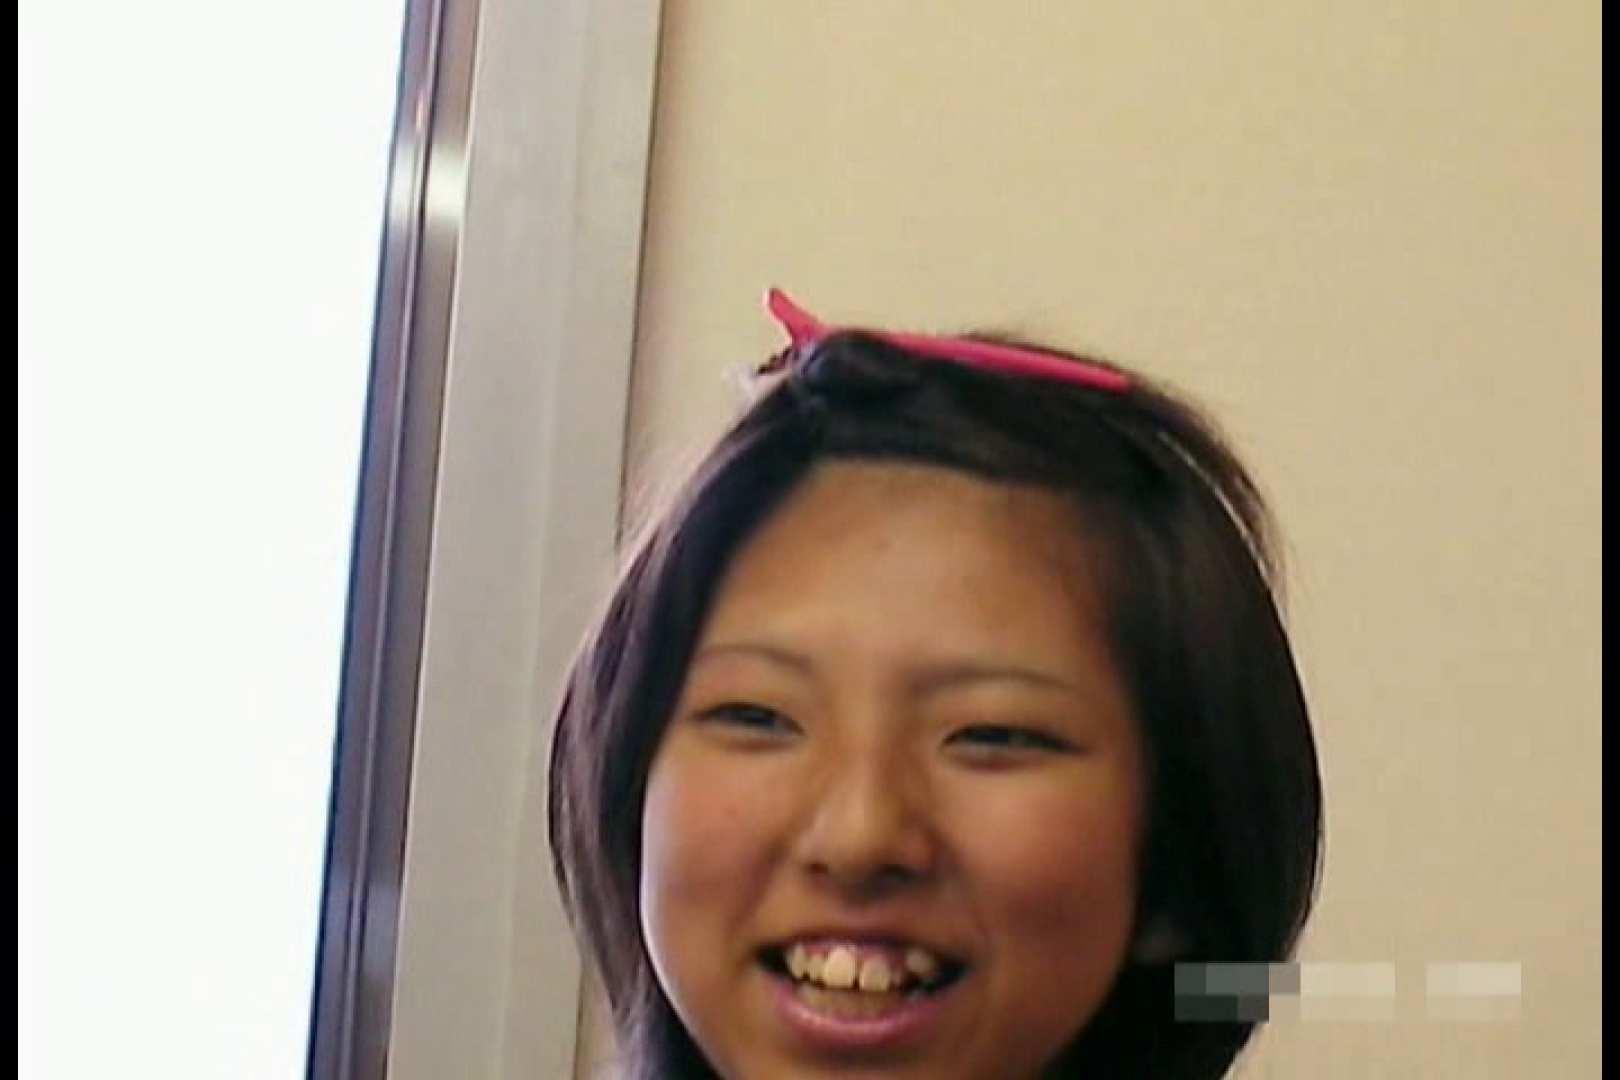 素人撮影 下着だけの撮影のはずが・・・エミちゃん18歳 丸見え AV動画キャプチャ 103画像 22